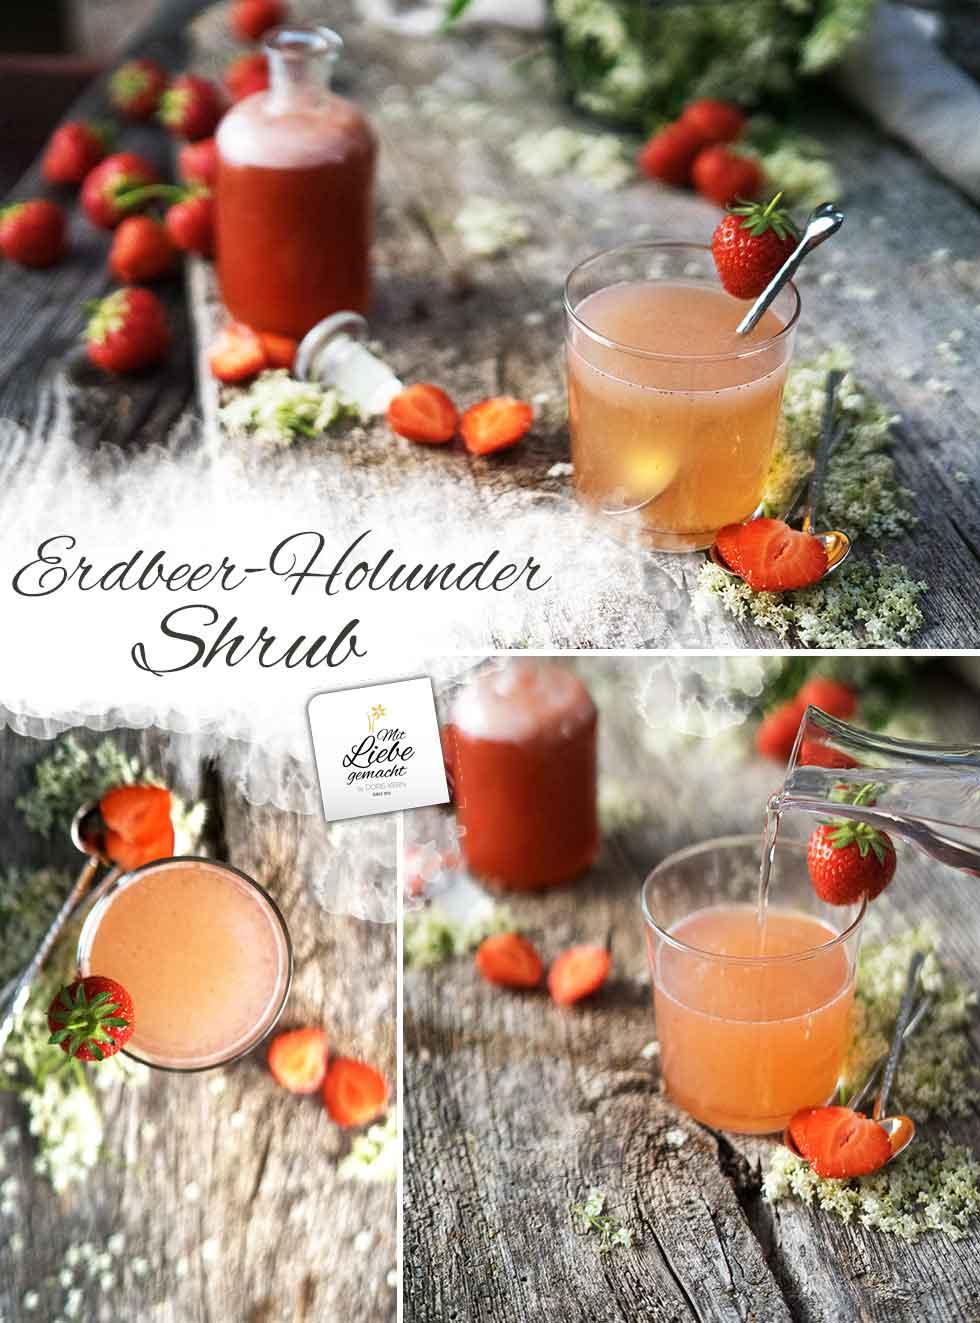 Erdbeer-Holunder Shrub – köstliche Erfrischung